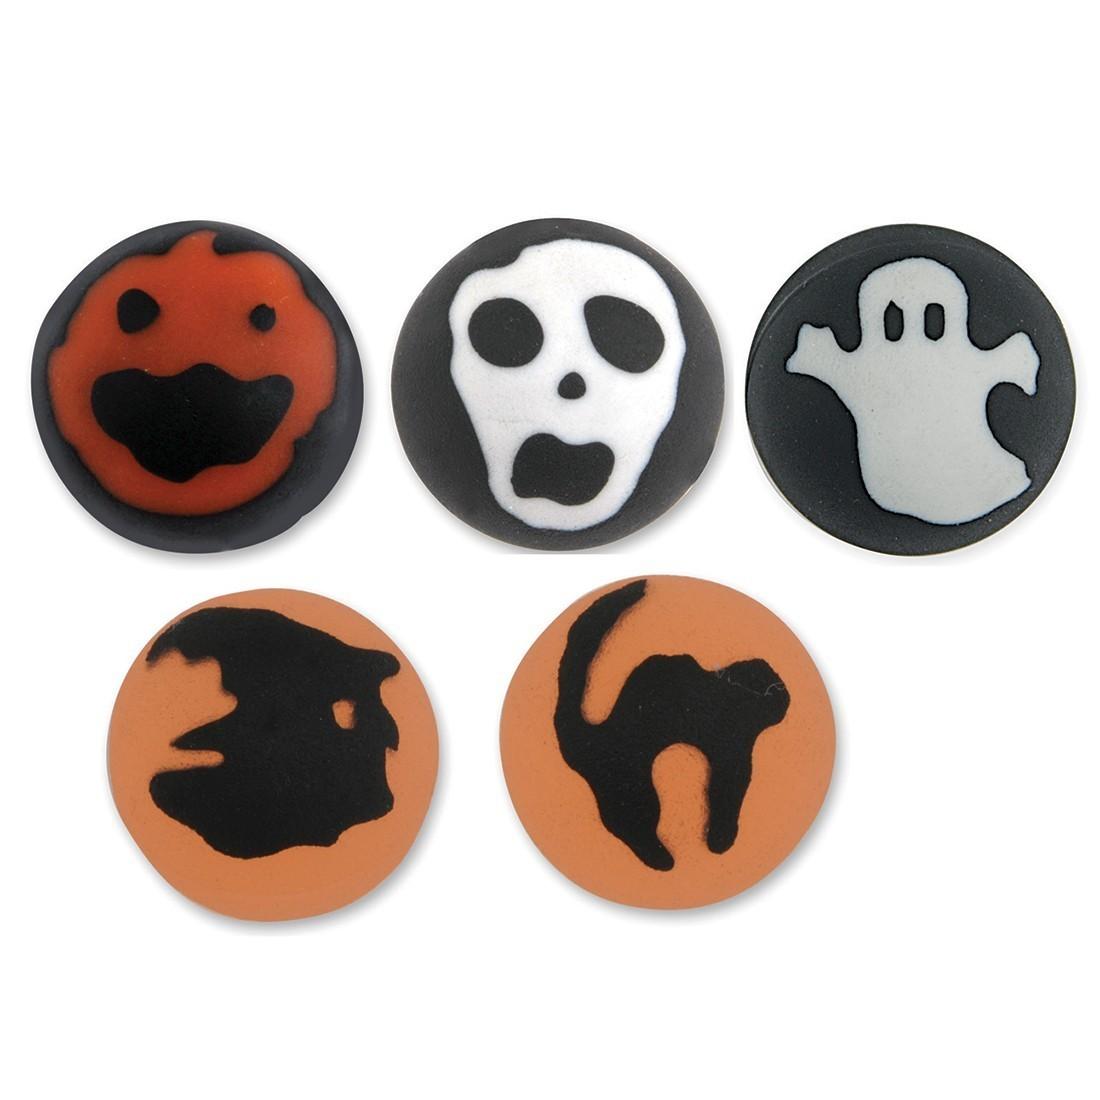 29mm Spooky Halloween Bouncing Balls [image]